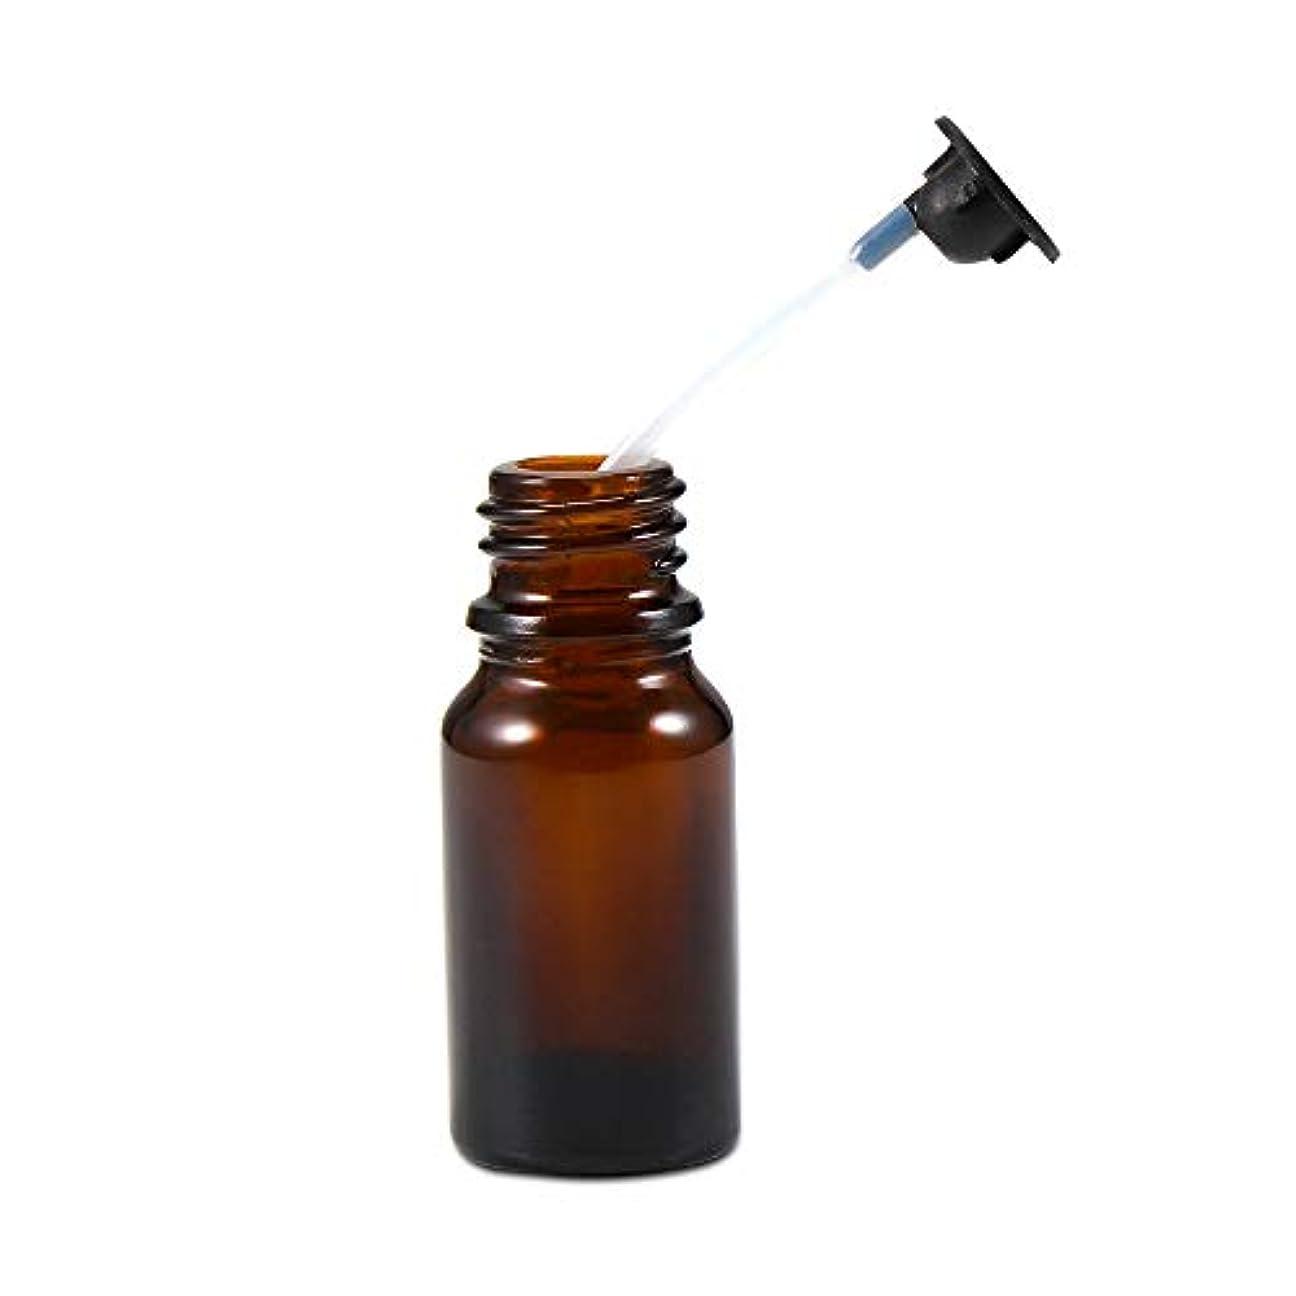 より良い同化志すCaseceo エッセンシャルオイル ボトルとノズル 交換用 アクセサリー 数量1